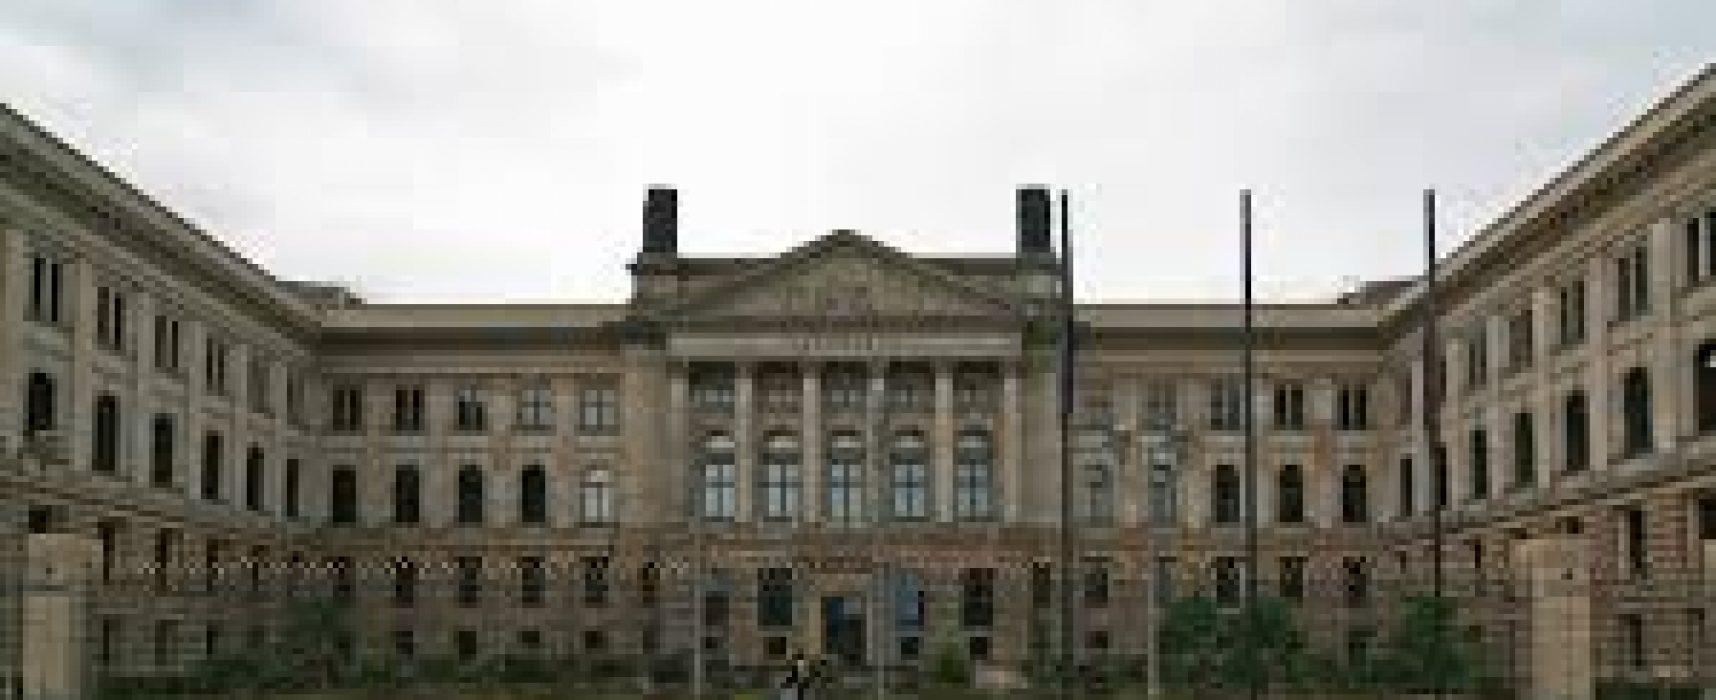 В немецком Бундесрате о фейках и операциях влияния